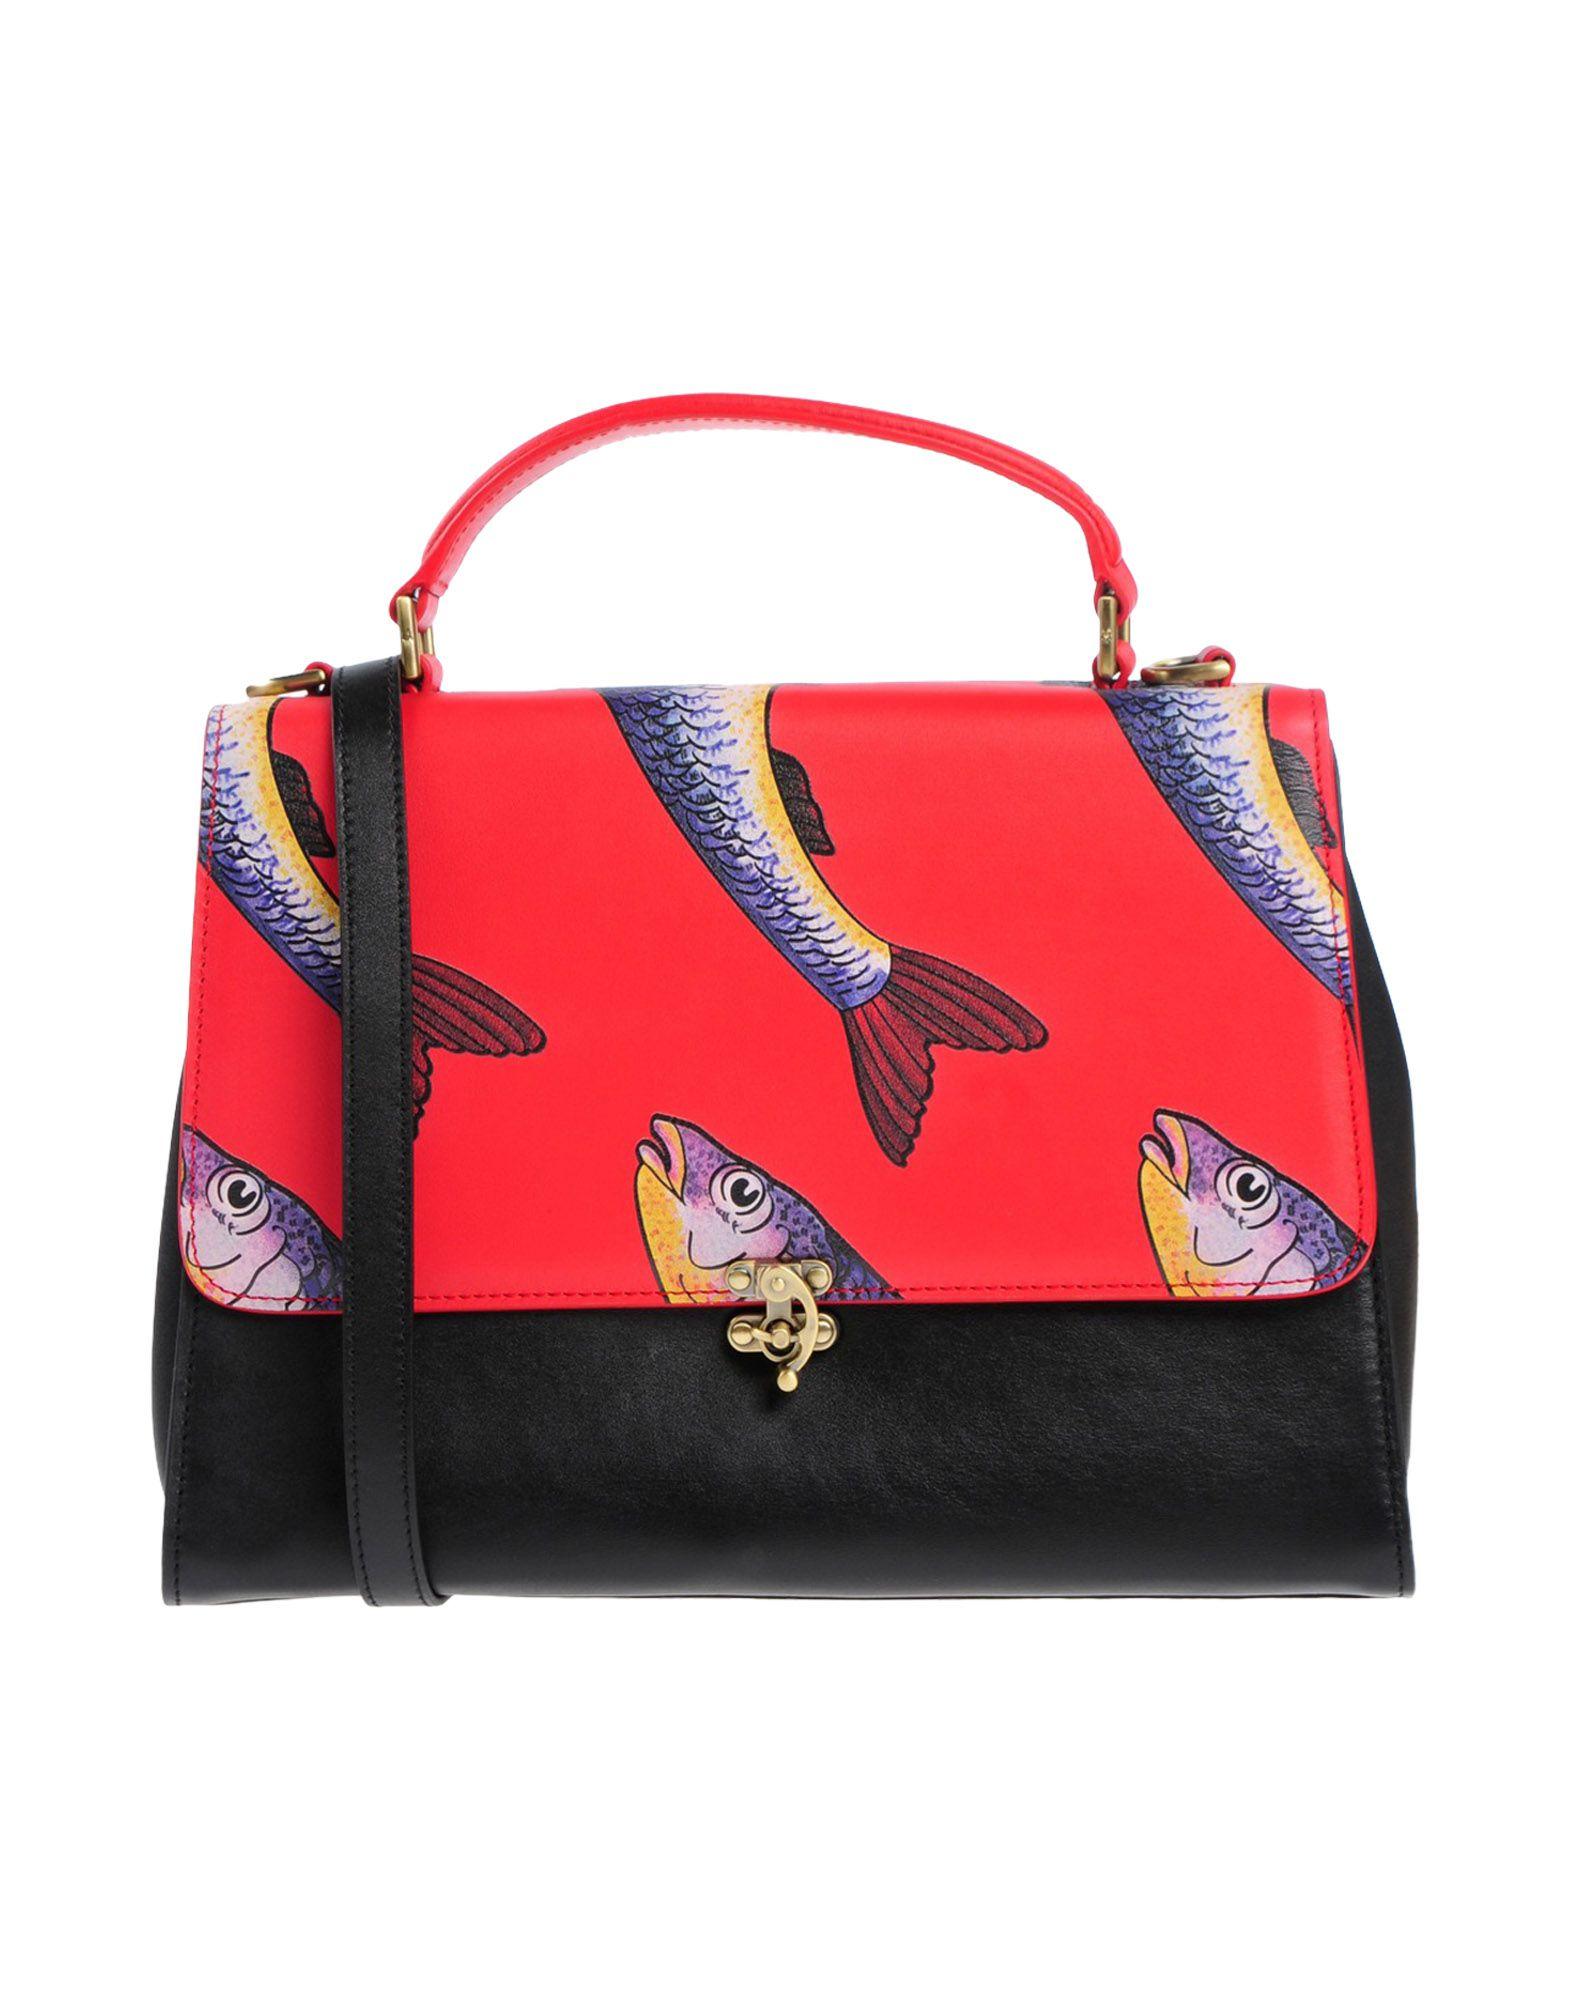 TAMMY & BENJAMIN Handbag in Red